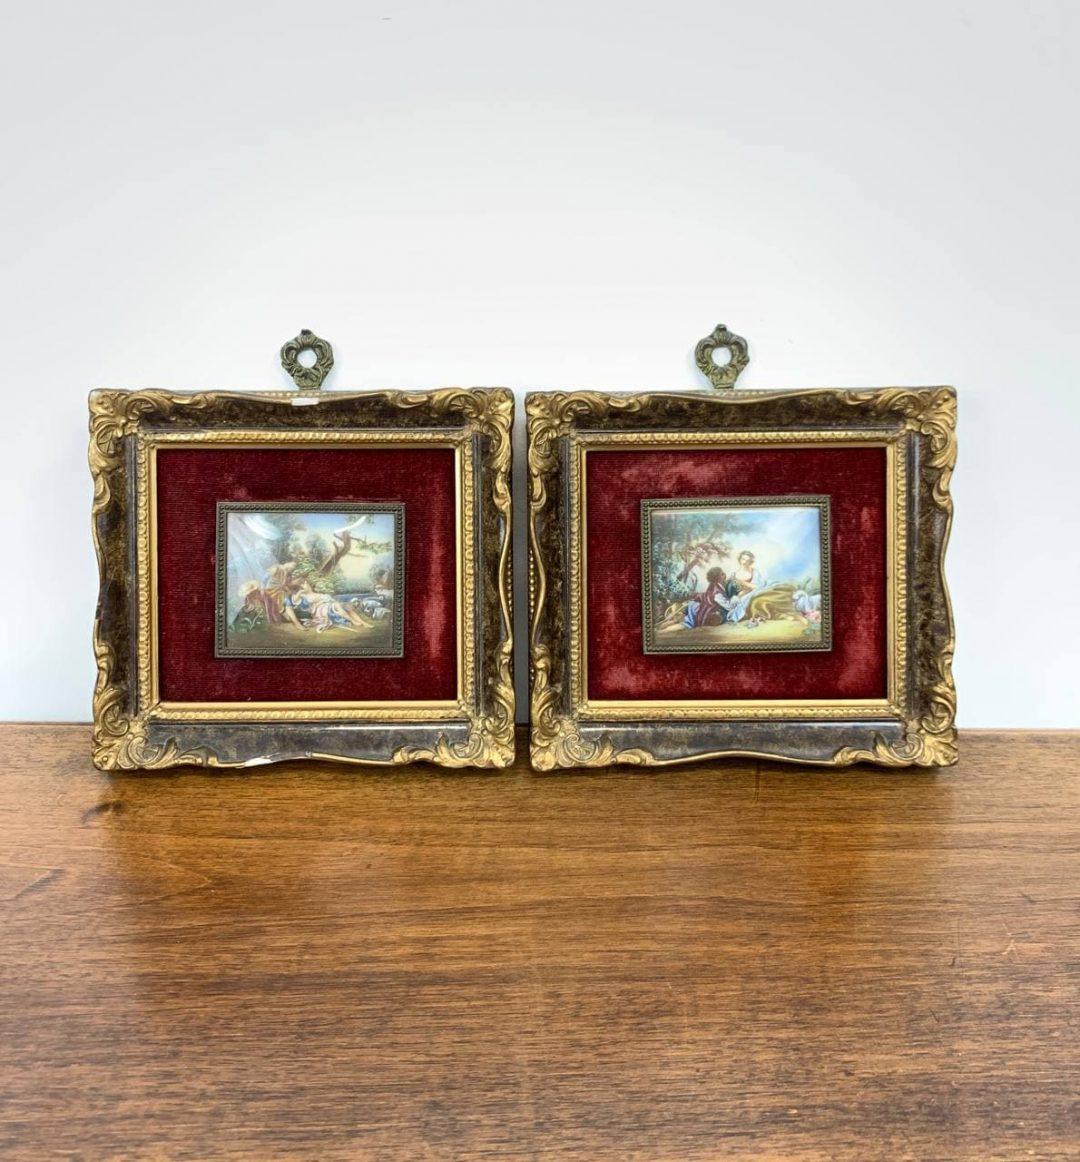 Антикварные миниатюры с галантными сценами